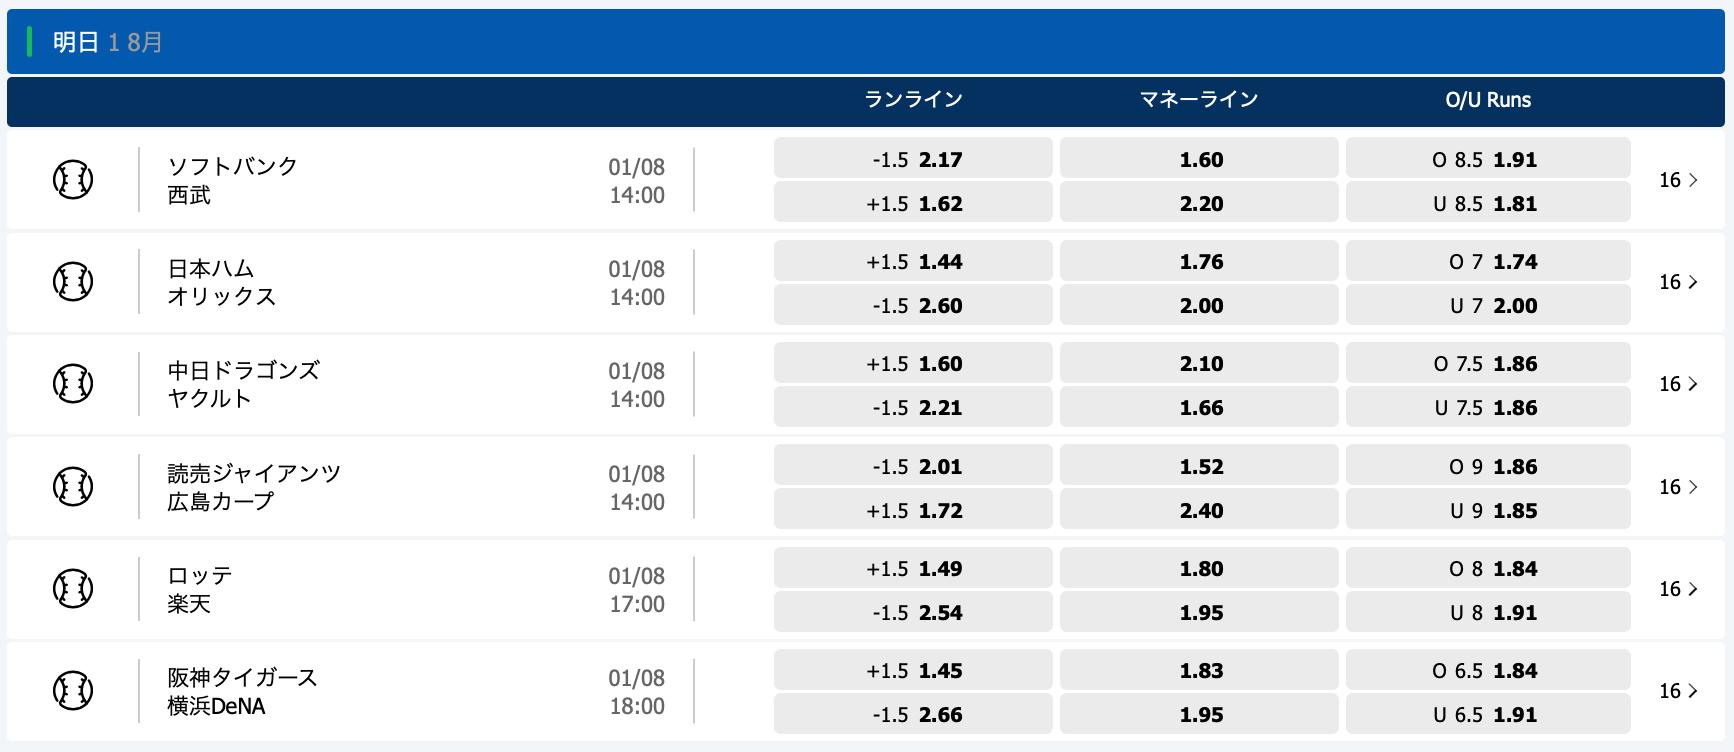 2020.8.1 プロ野球オッズ・10bet Japan